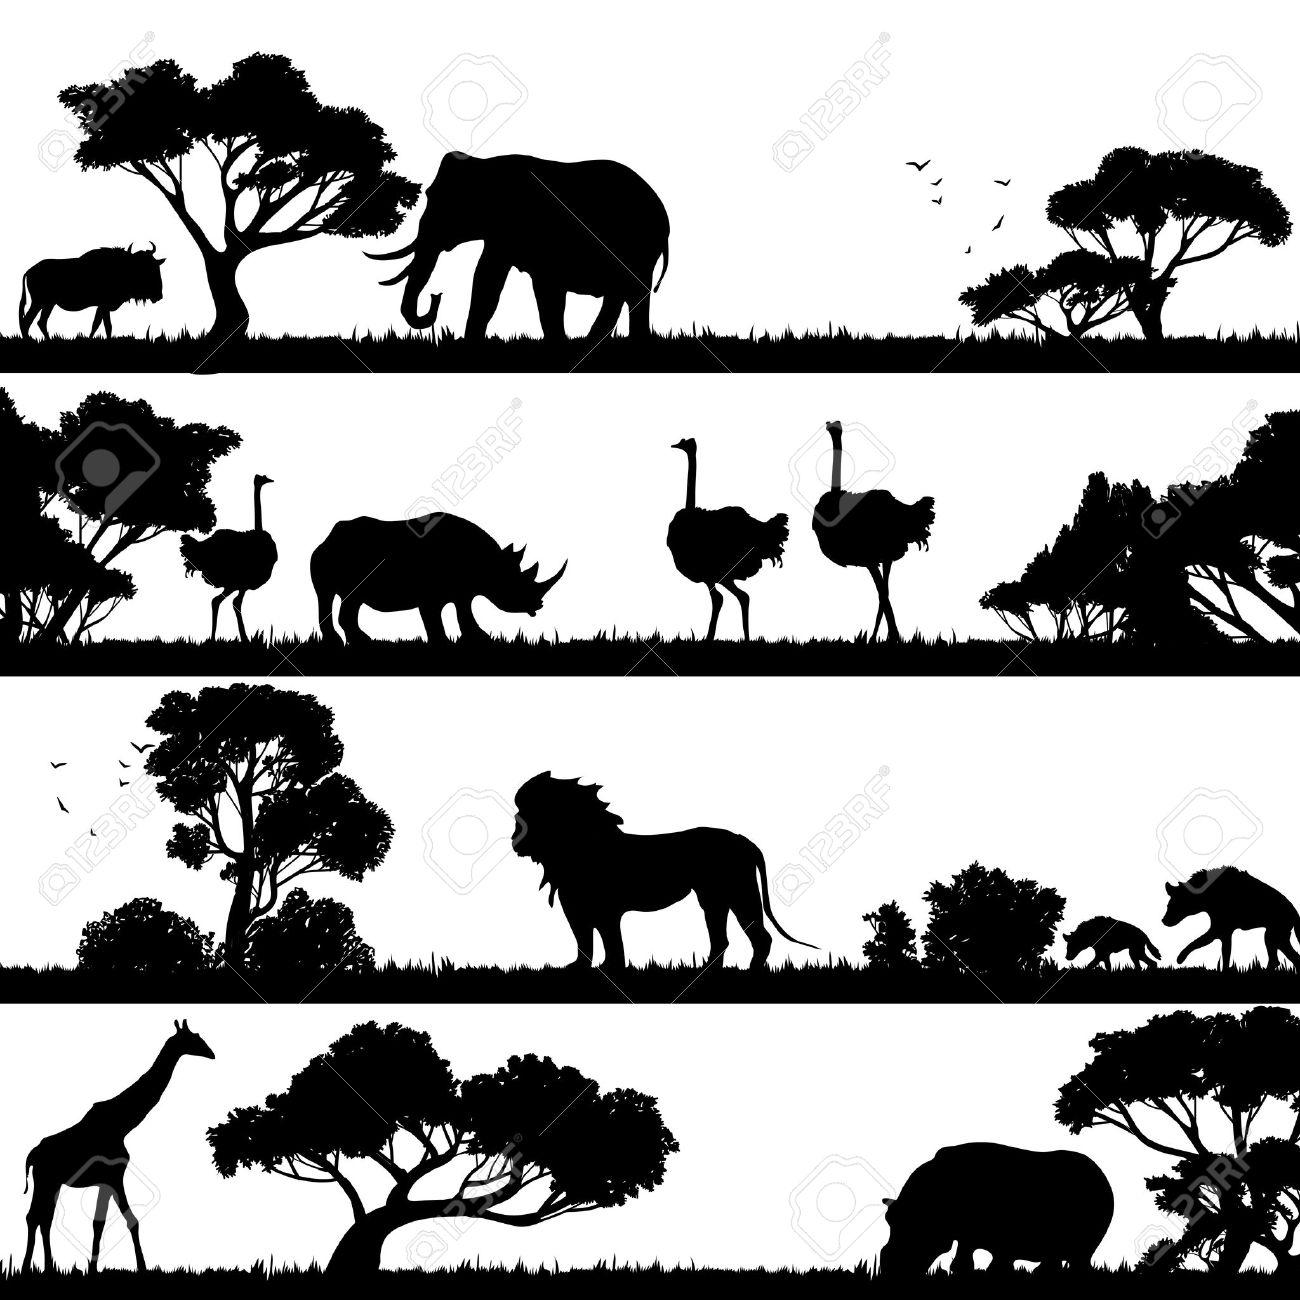 シルエット イラスト 動物 | 7331 イラス